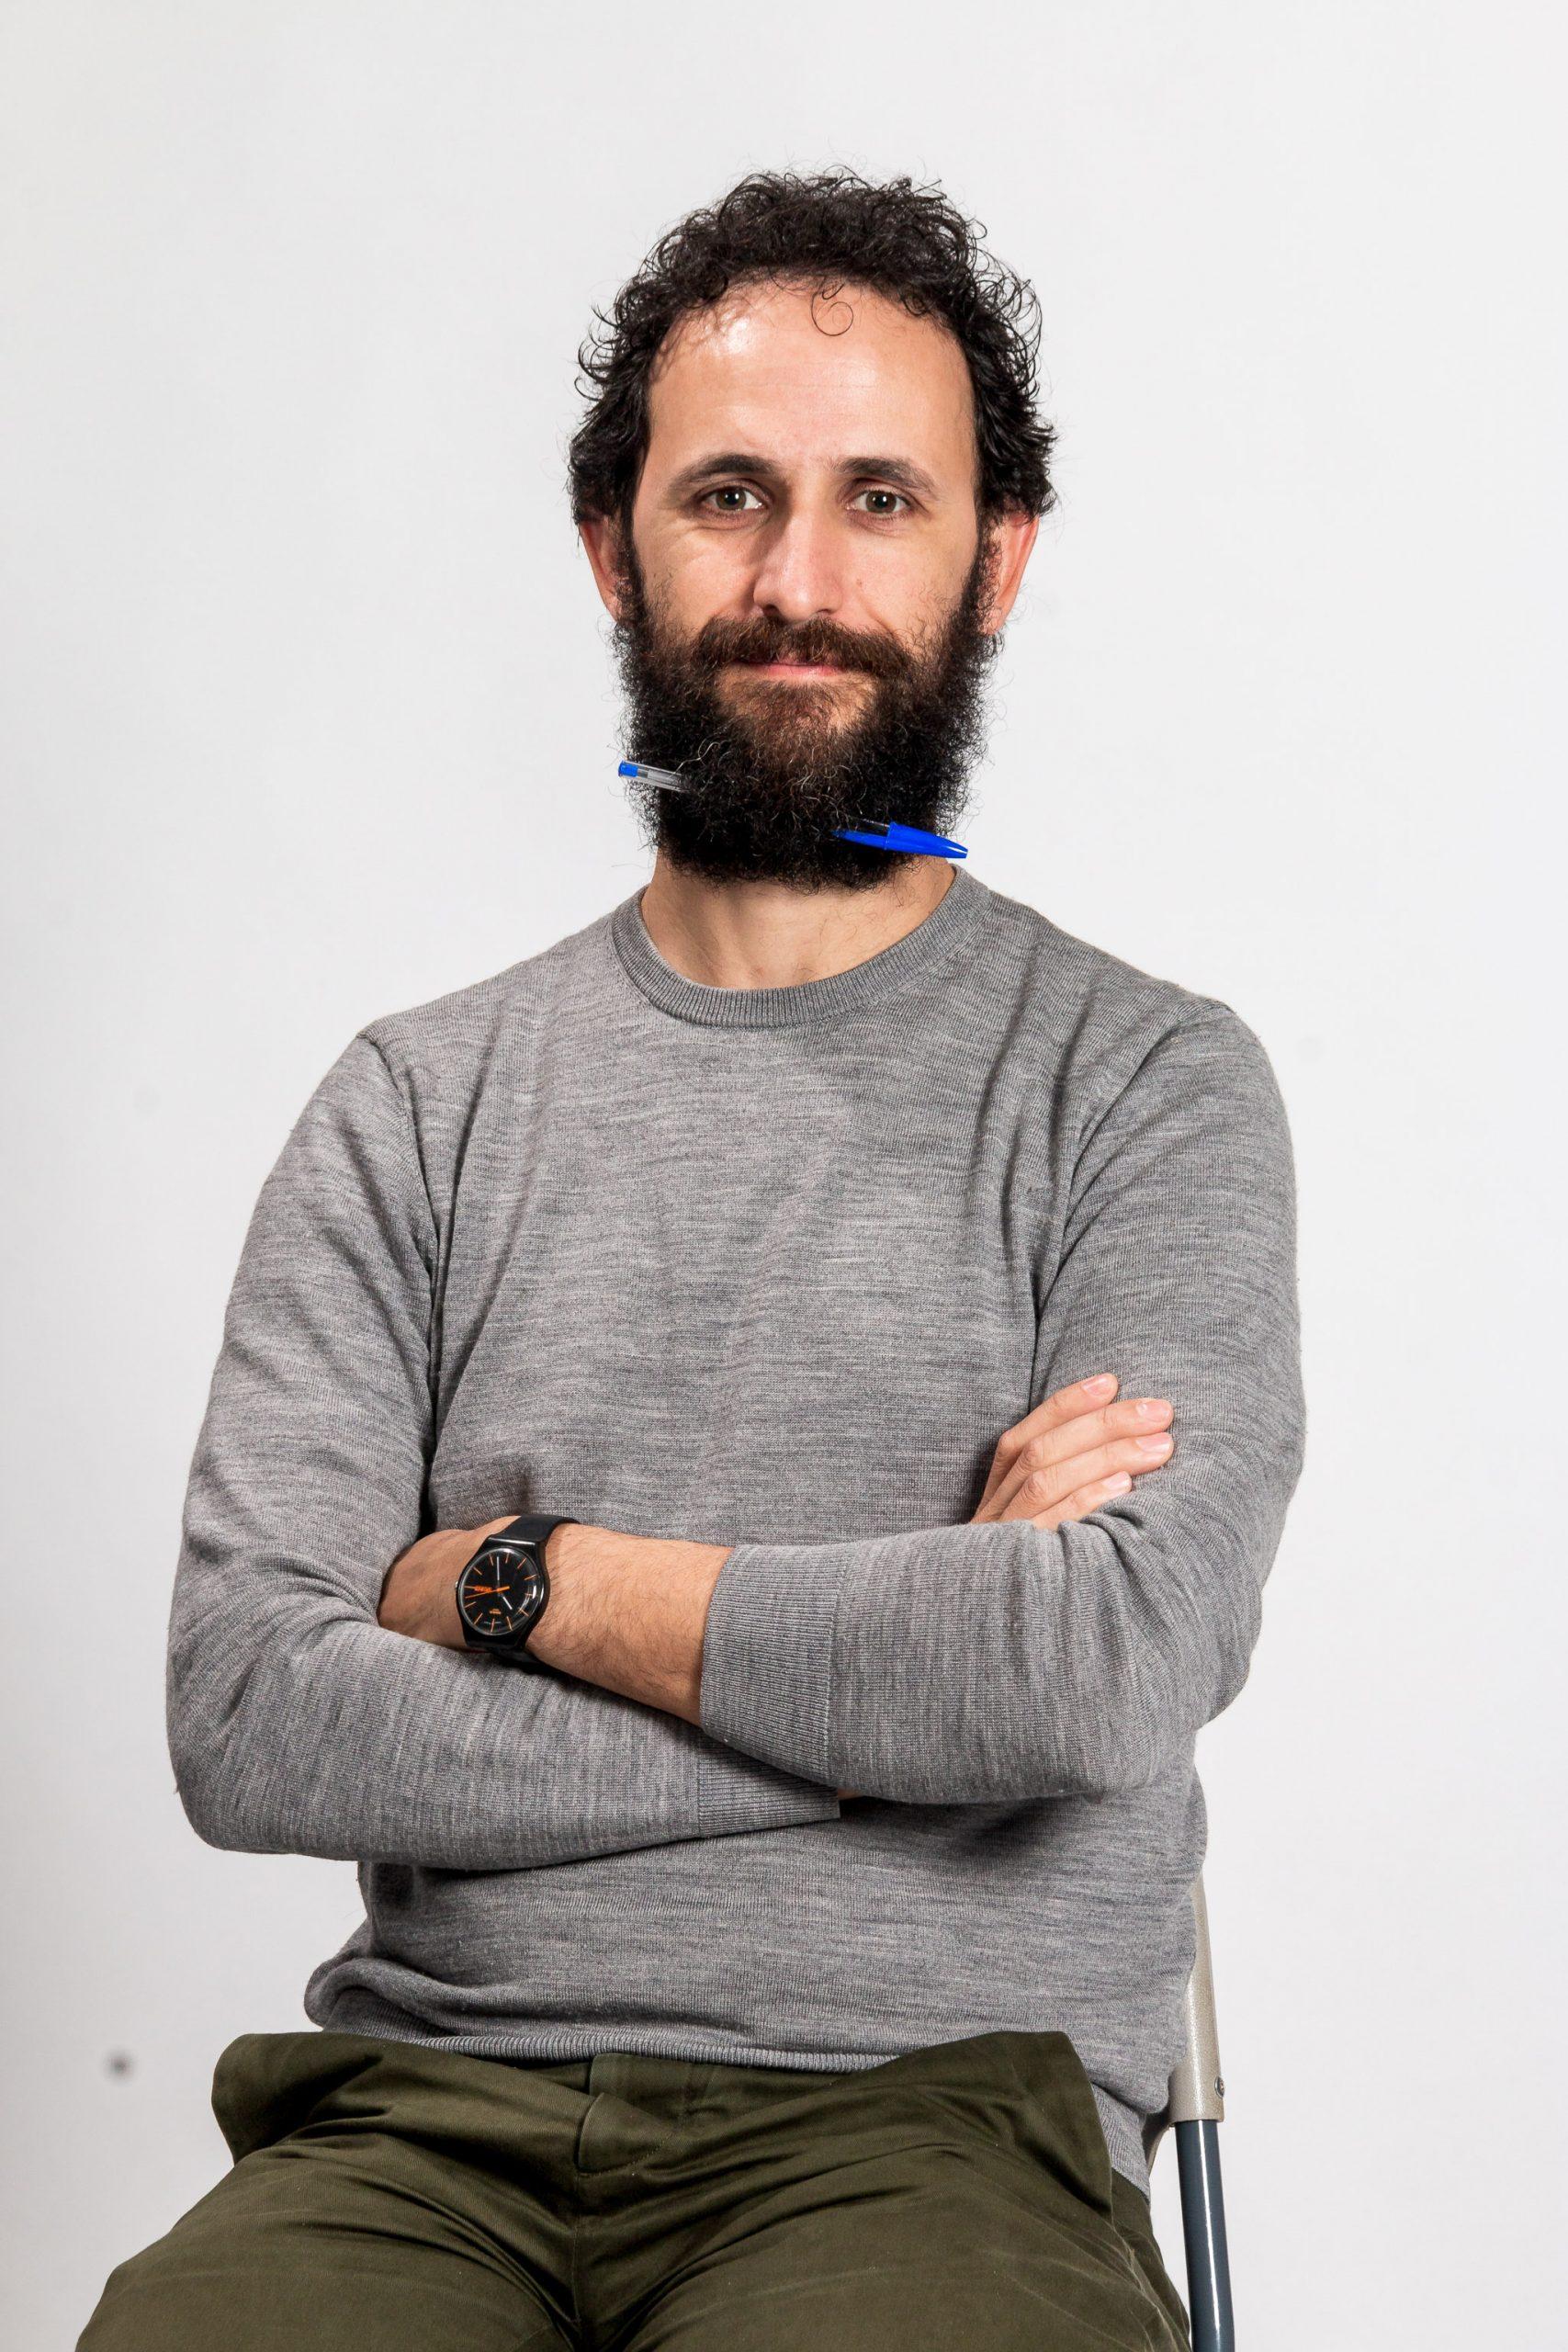 Andrés Fraga Pérez